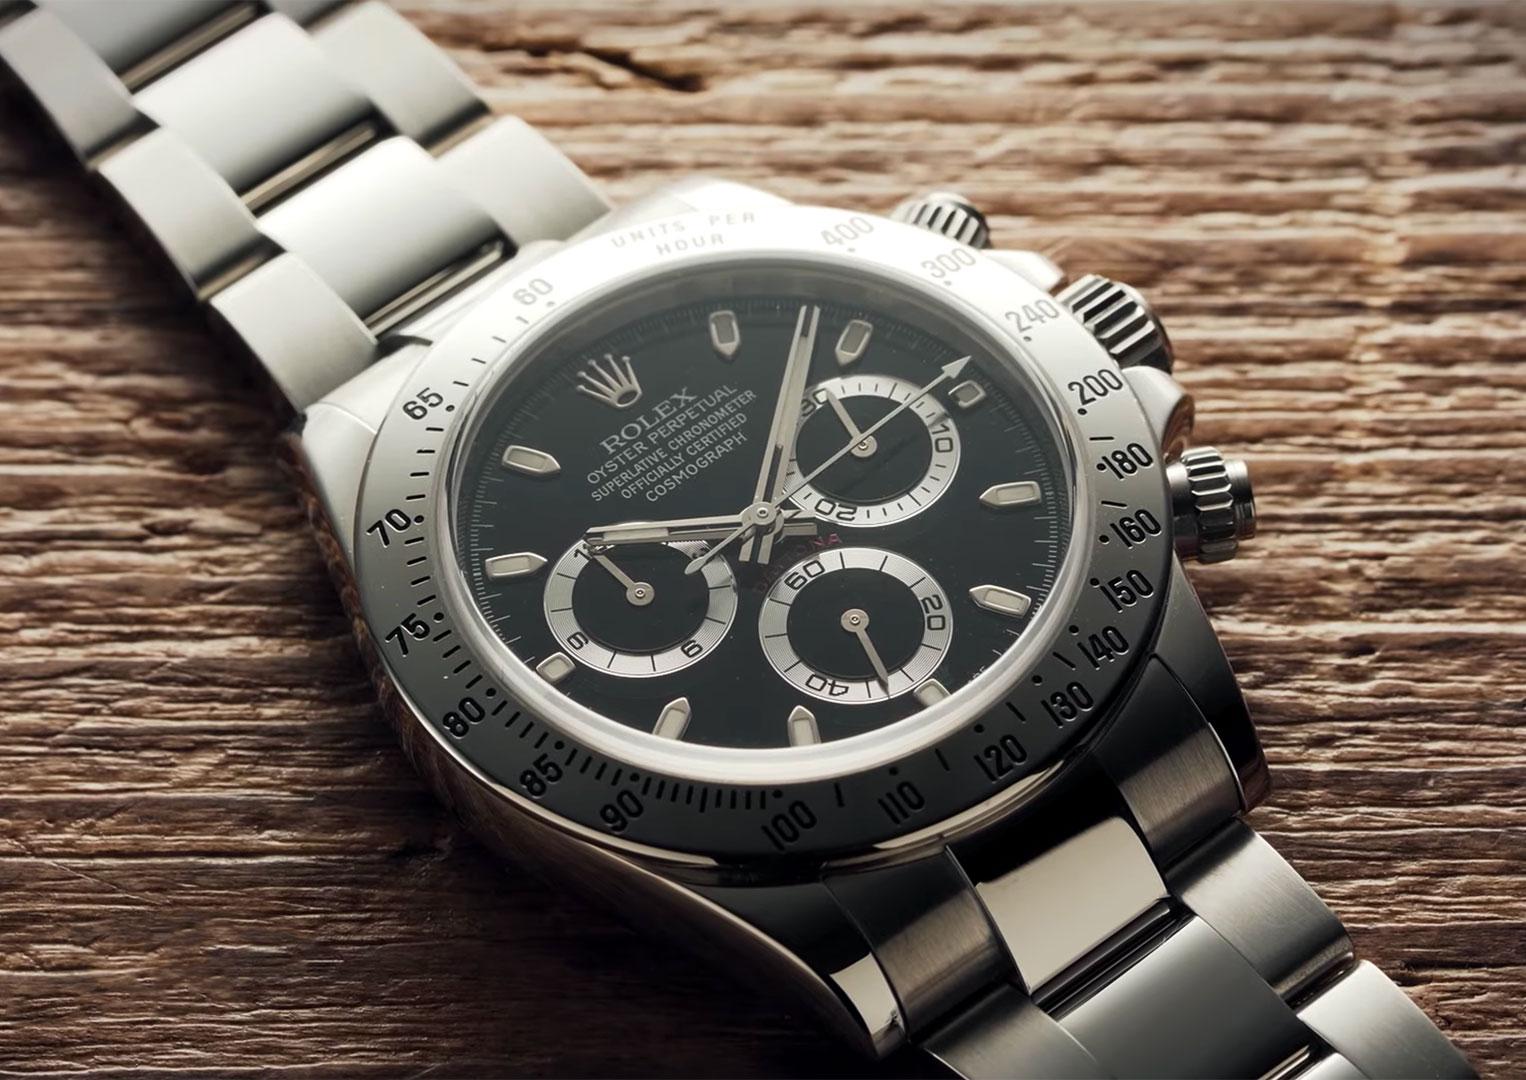 ロレックススーパーコピー デイトナ 116520時計